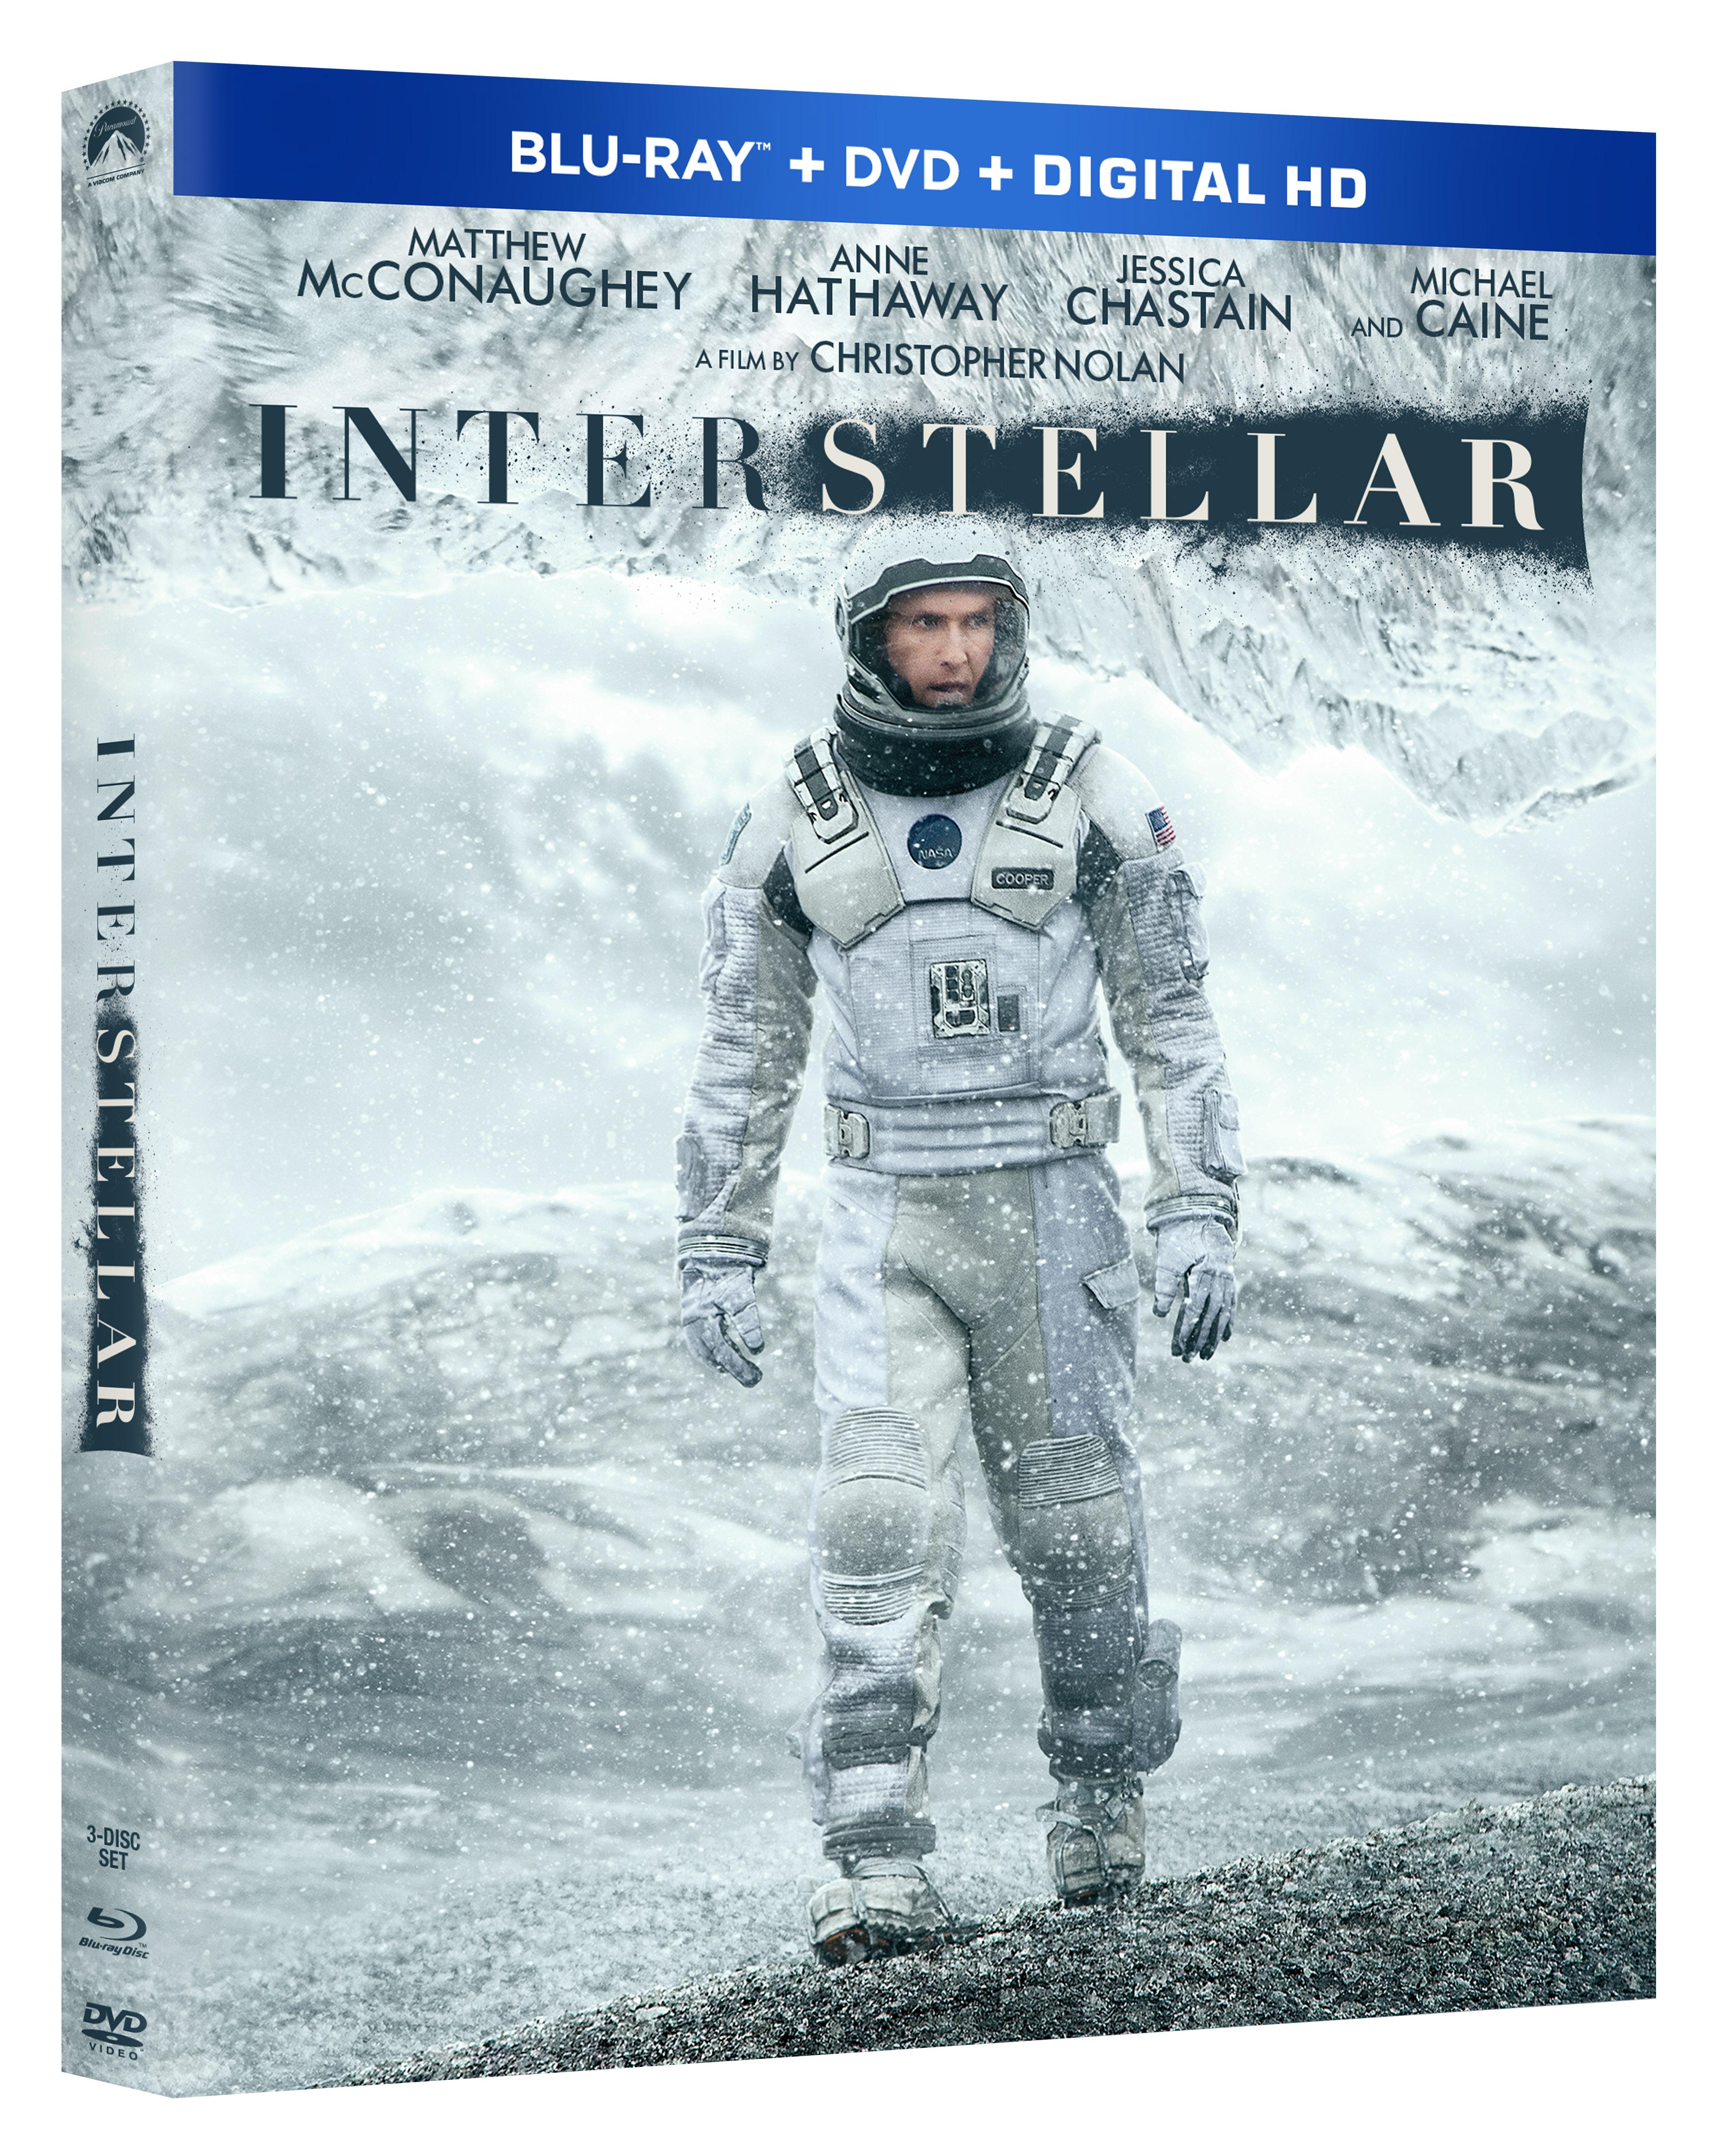 interstellar movie download 1080p